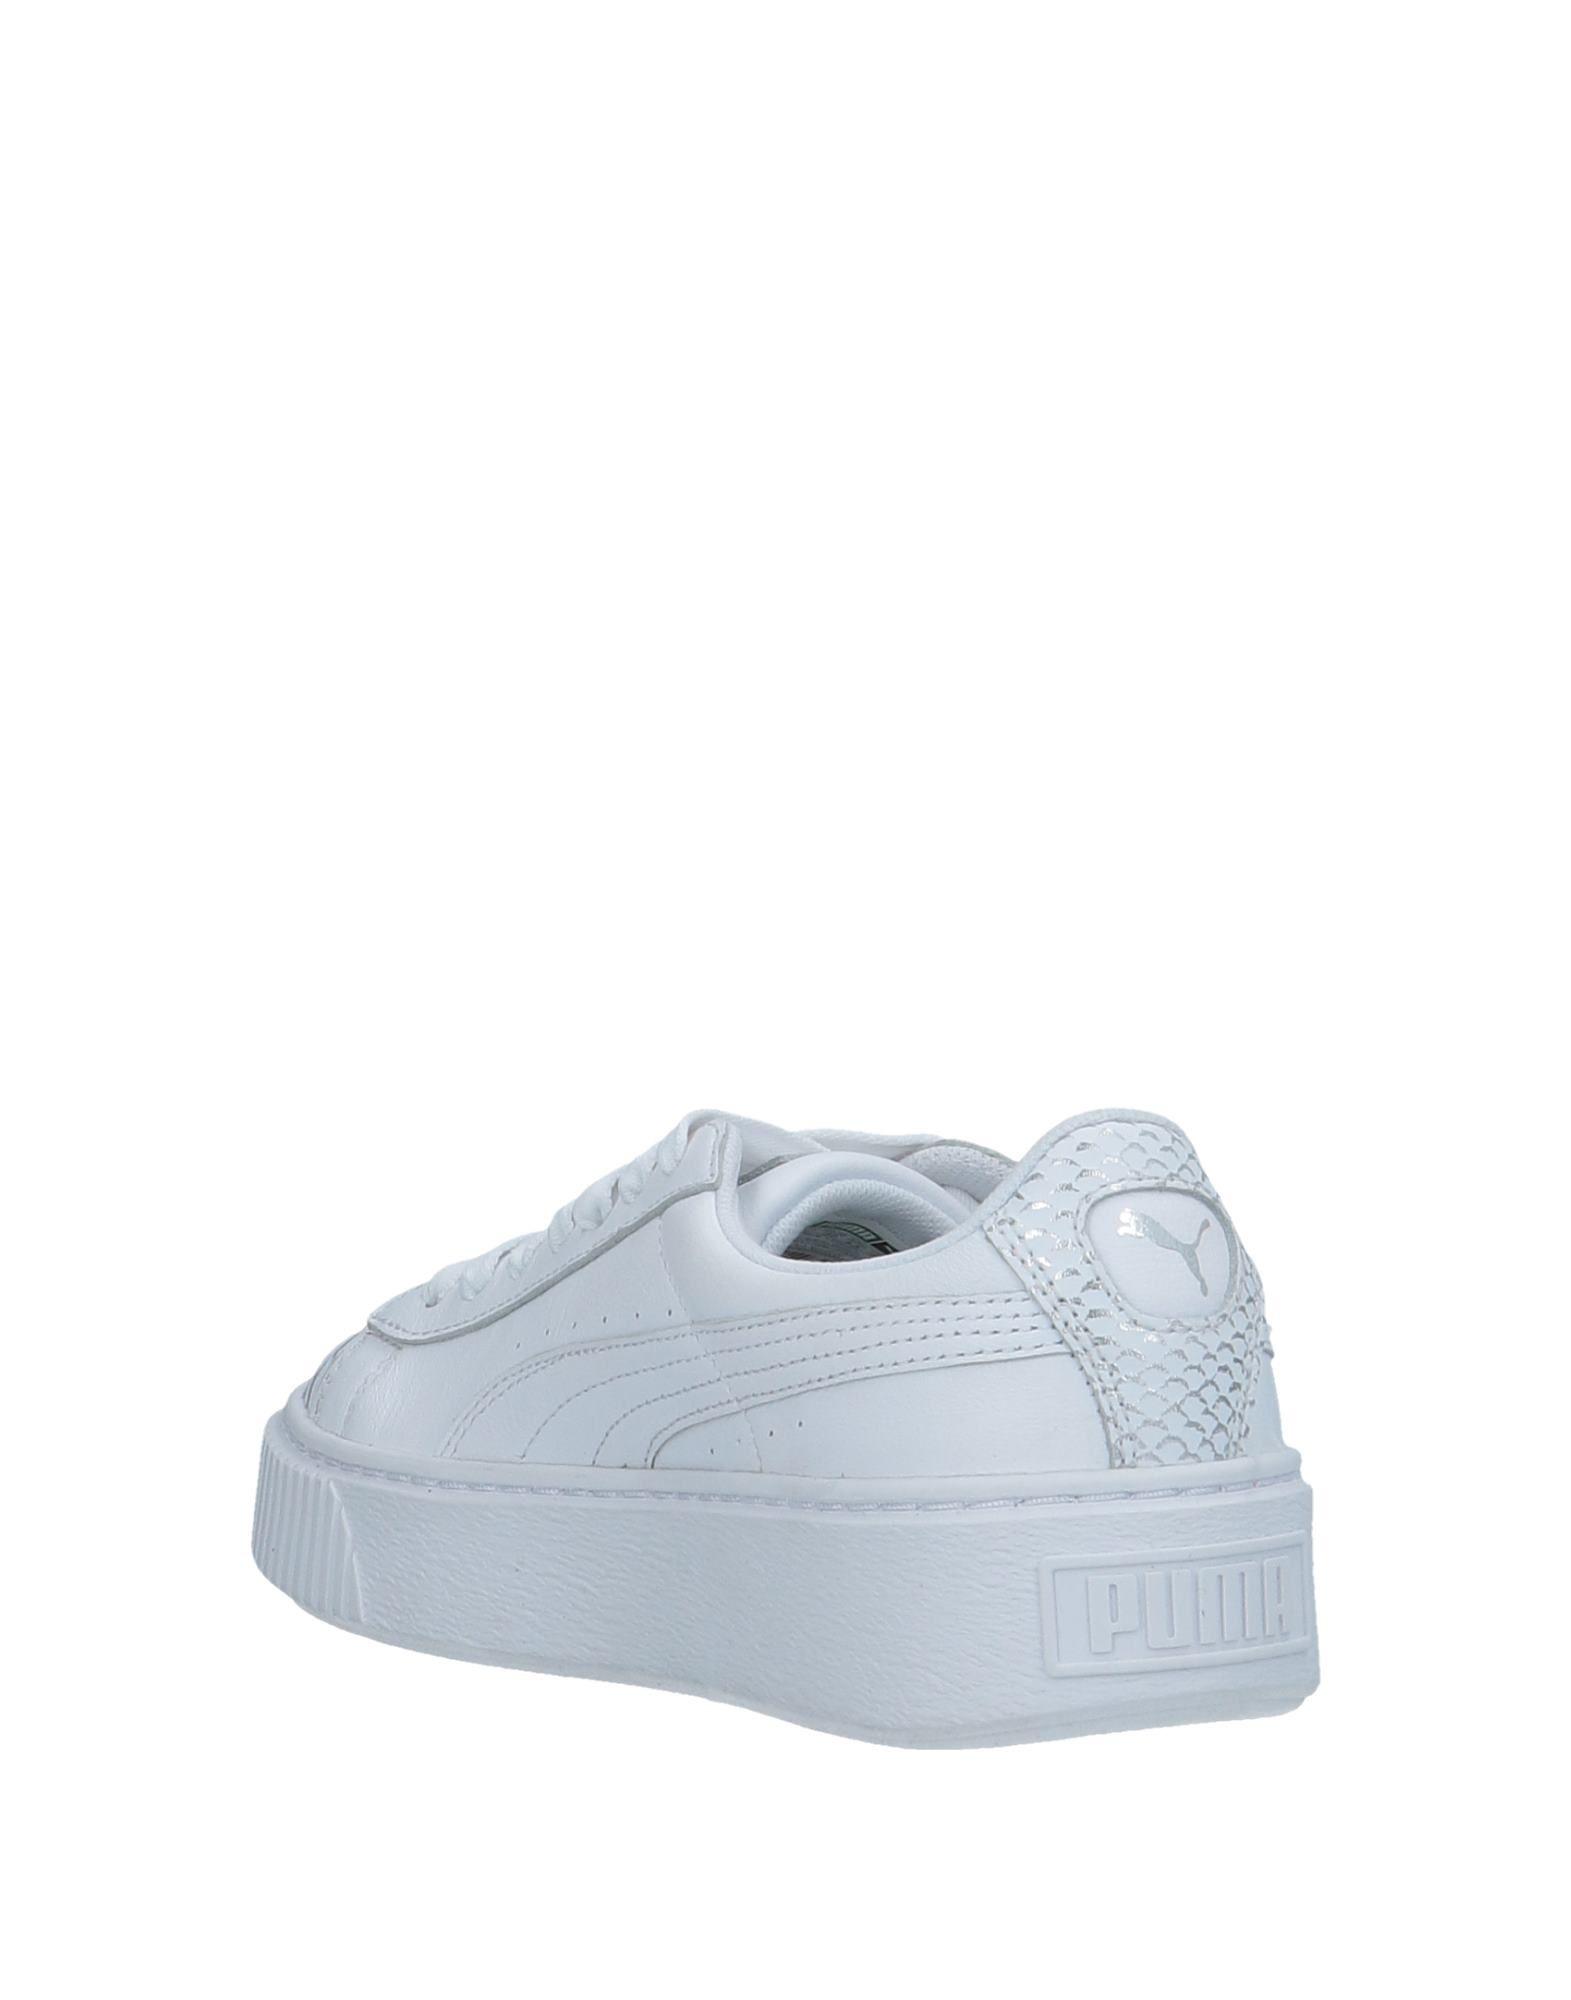 Puma Gute Sneakers Damen  11537566DN Gute Puma Qualität beliebte Schuhe 9a964b